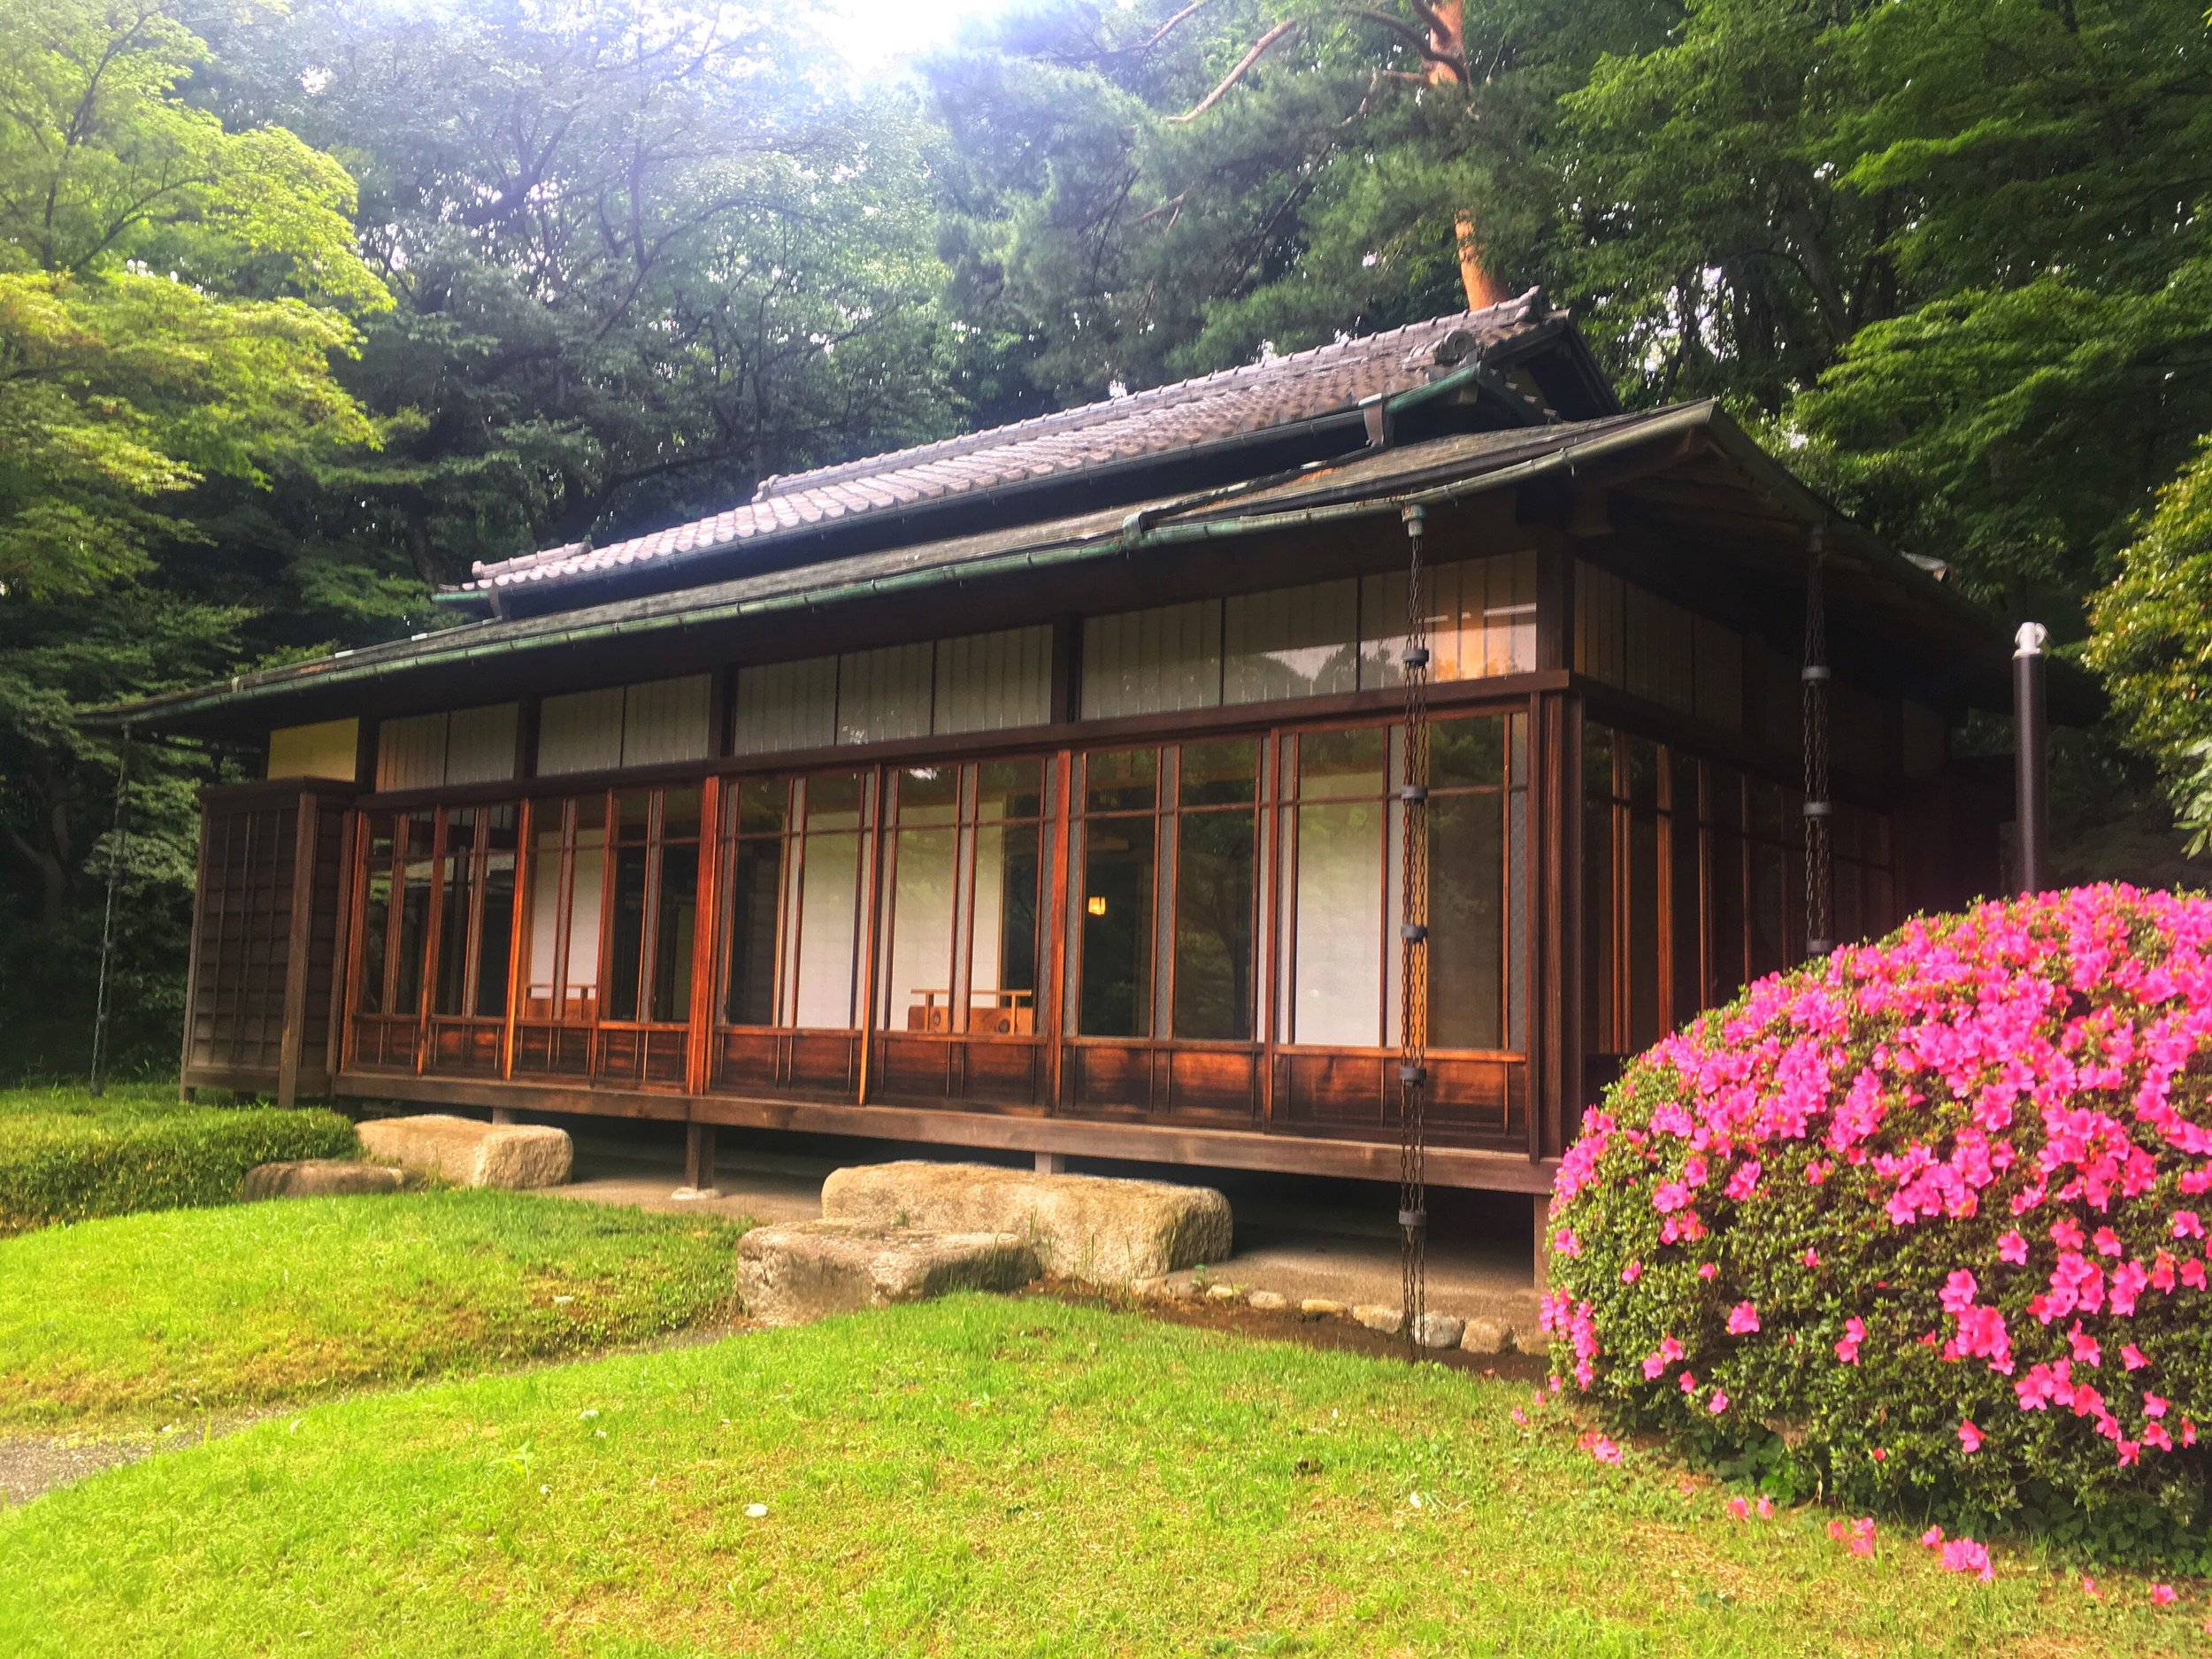 a Japanese teahouse at the Meiji Shrine